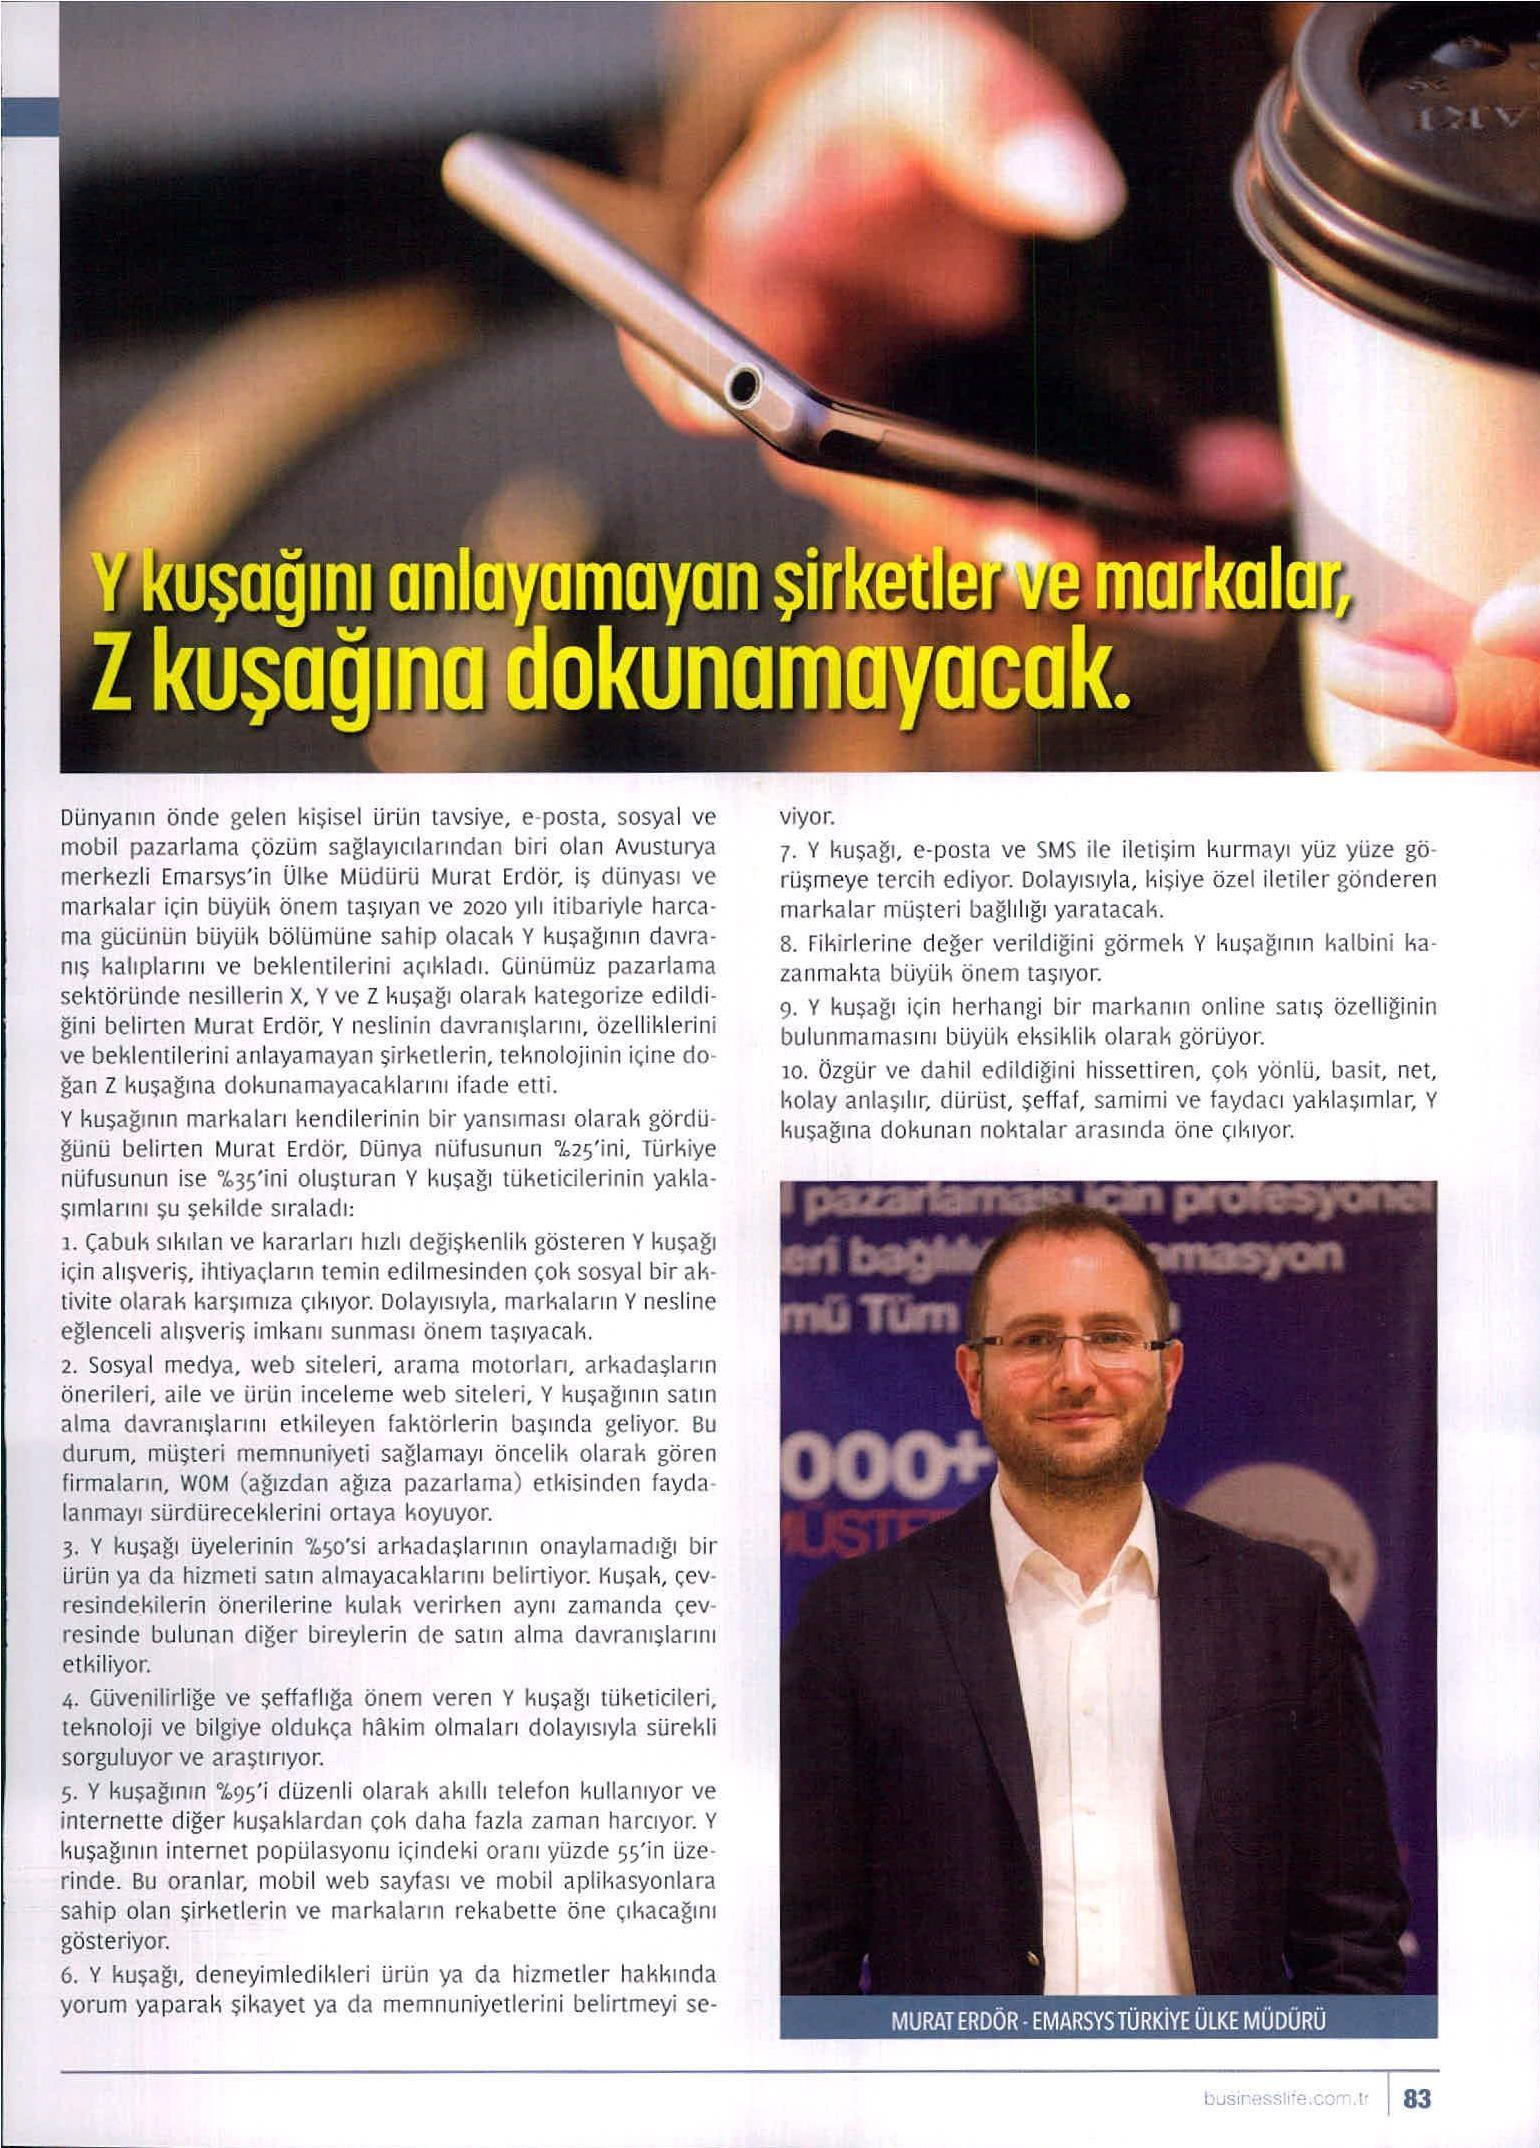 28 - Business Life Dergisi_muraterdor.com_Ağustos 2015